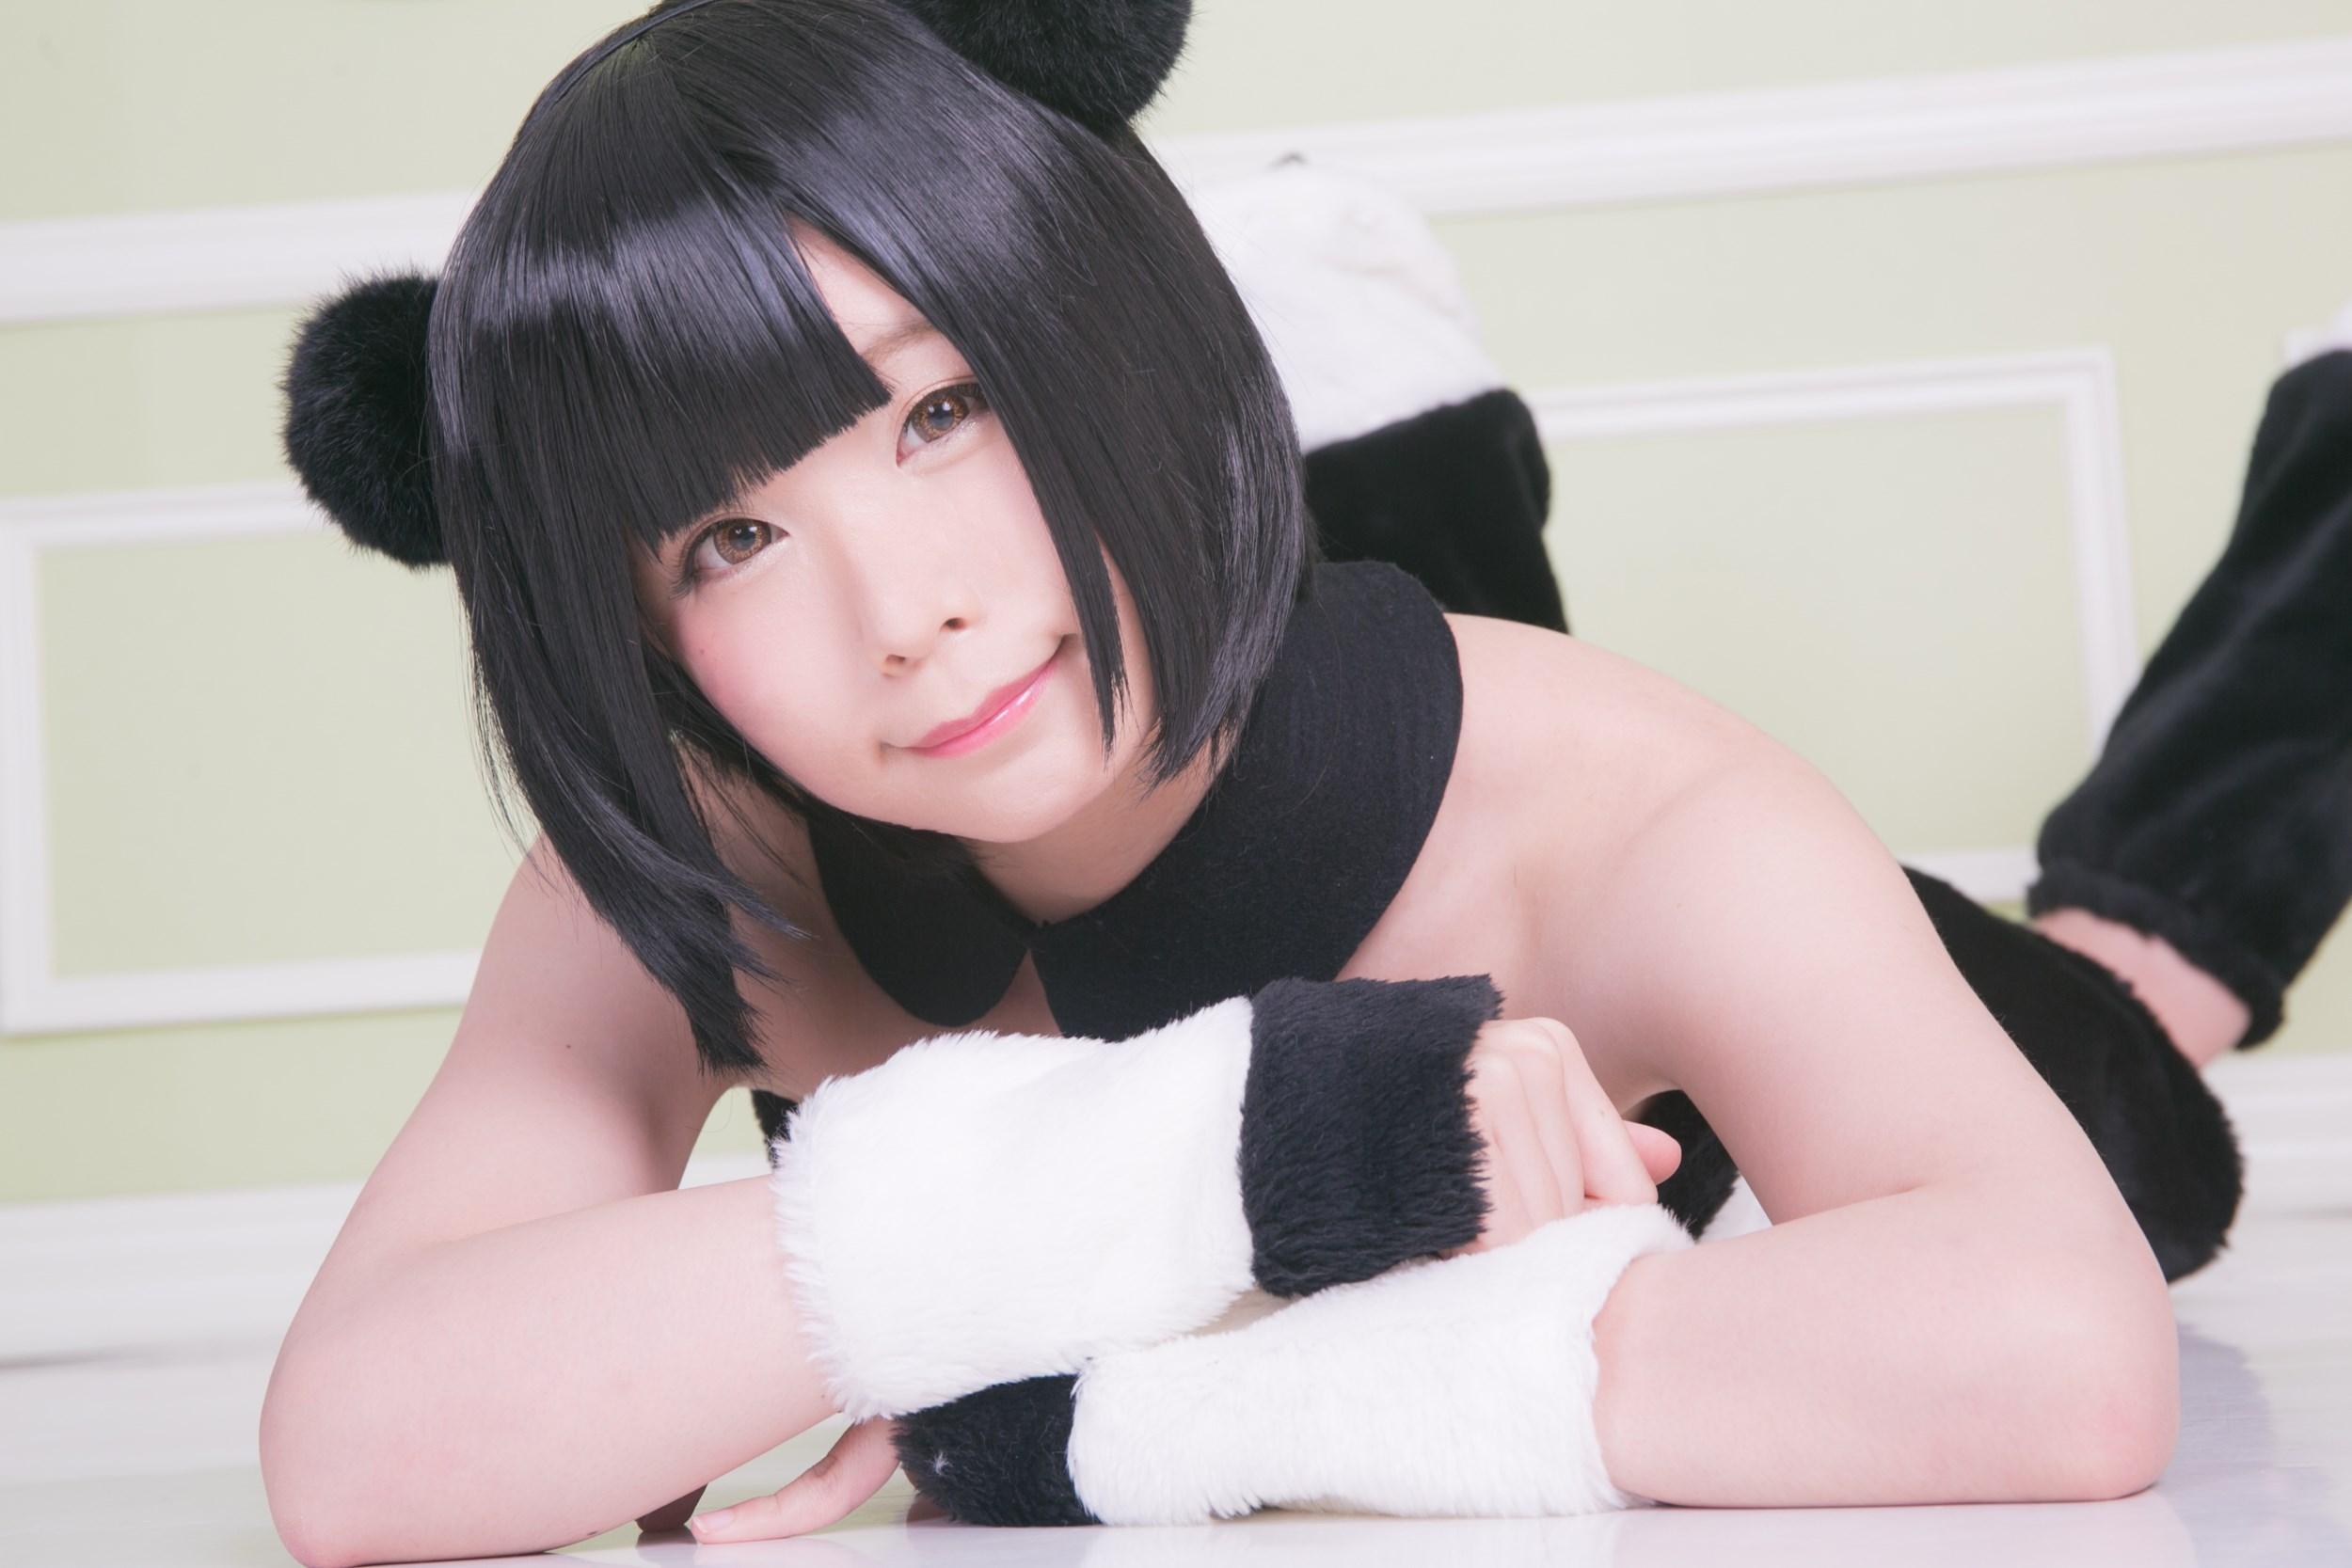 【兔玩映画】熊猫娘 兔玩映画 第48张